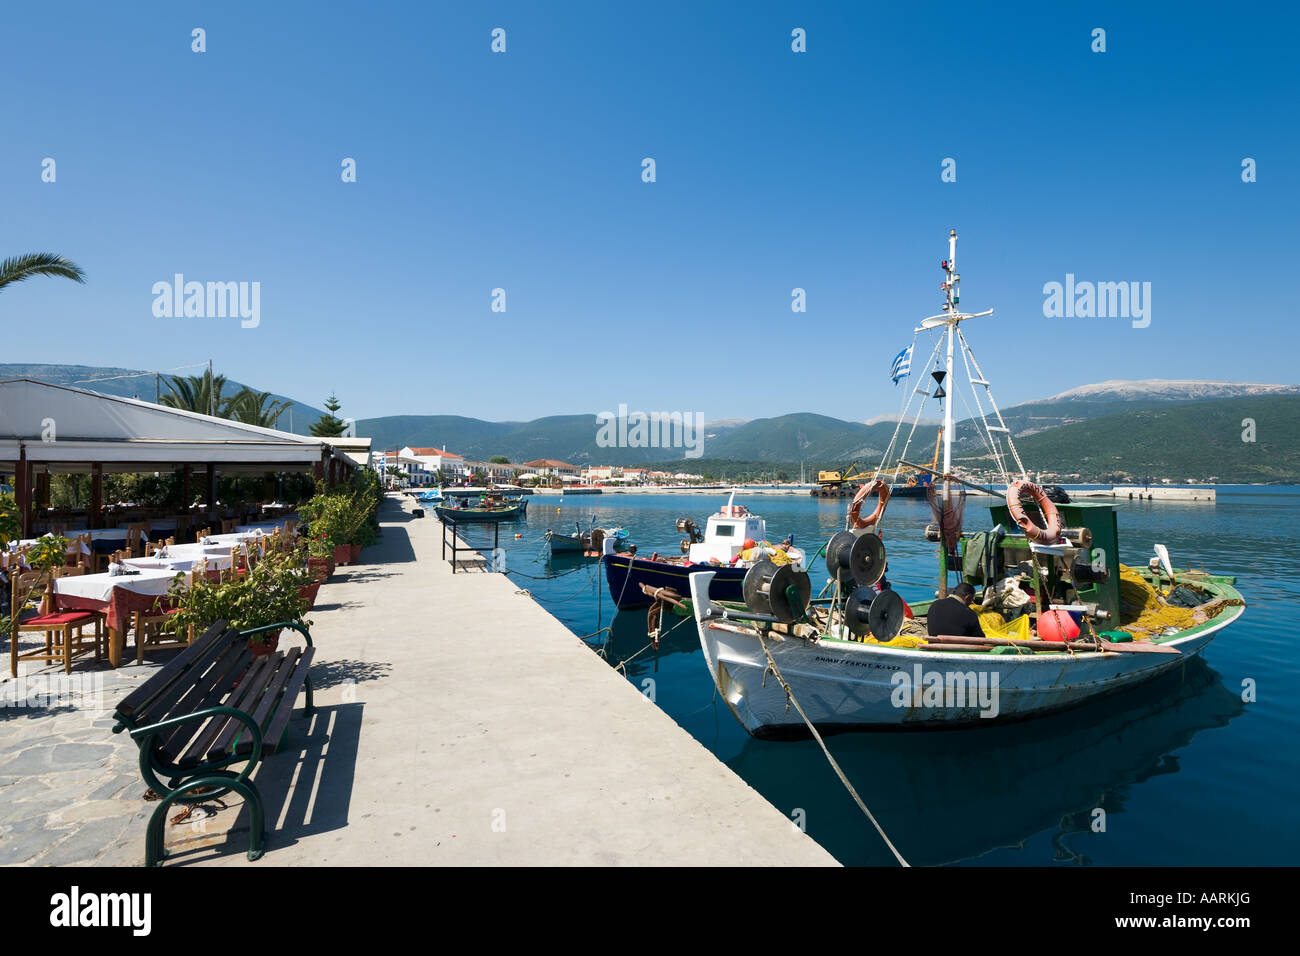 Lungomare Taverna, barche da pesca e il lungomare, Sami, CEFALLONIA, ISOLE IONIE, Grecia Immagini Stock